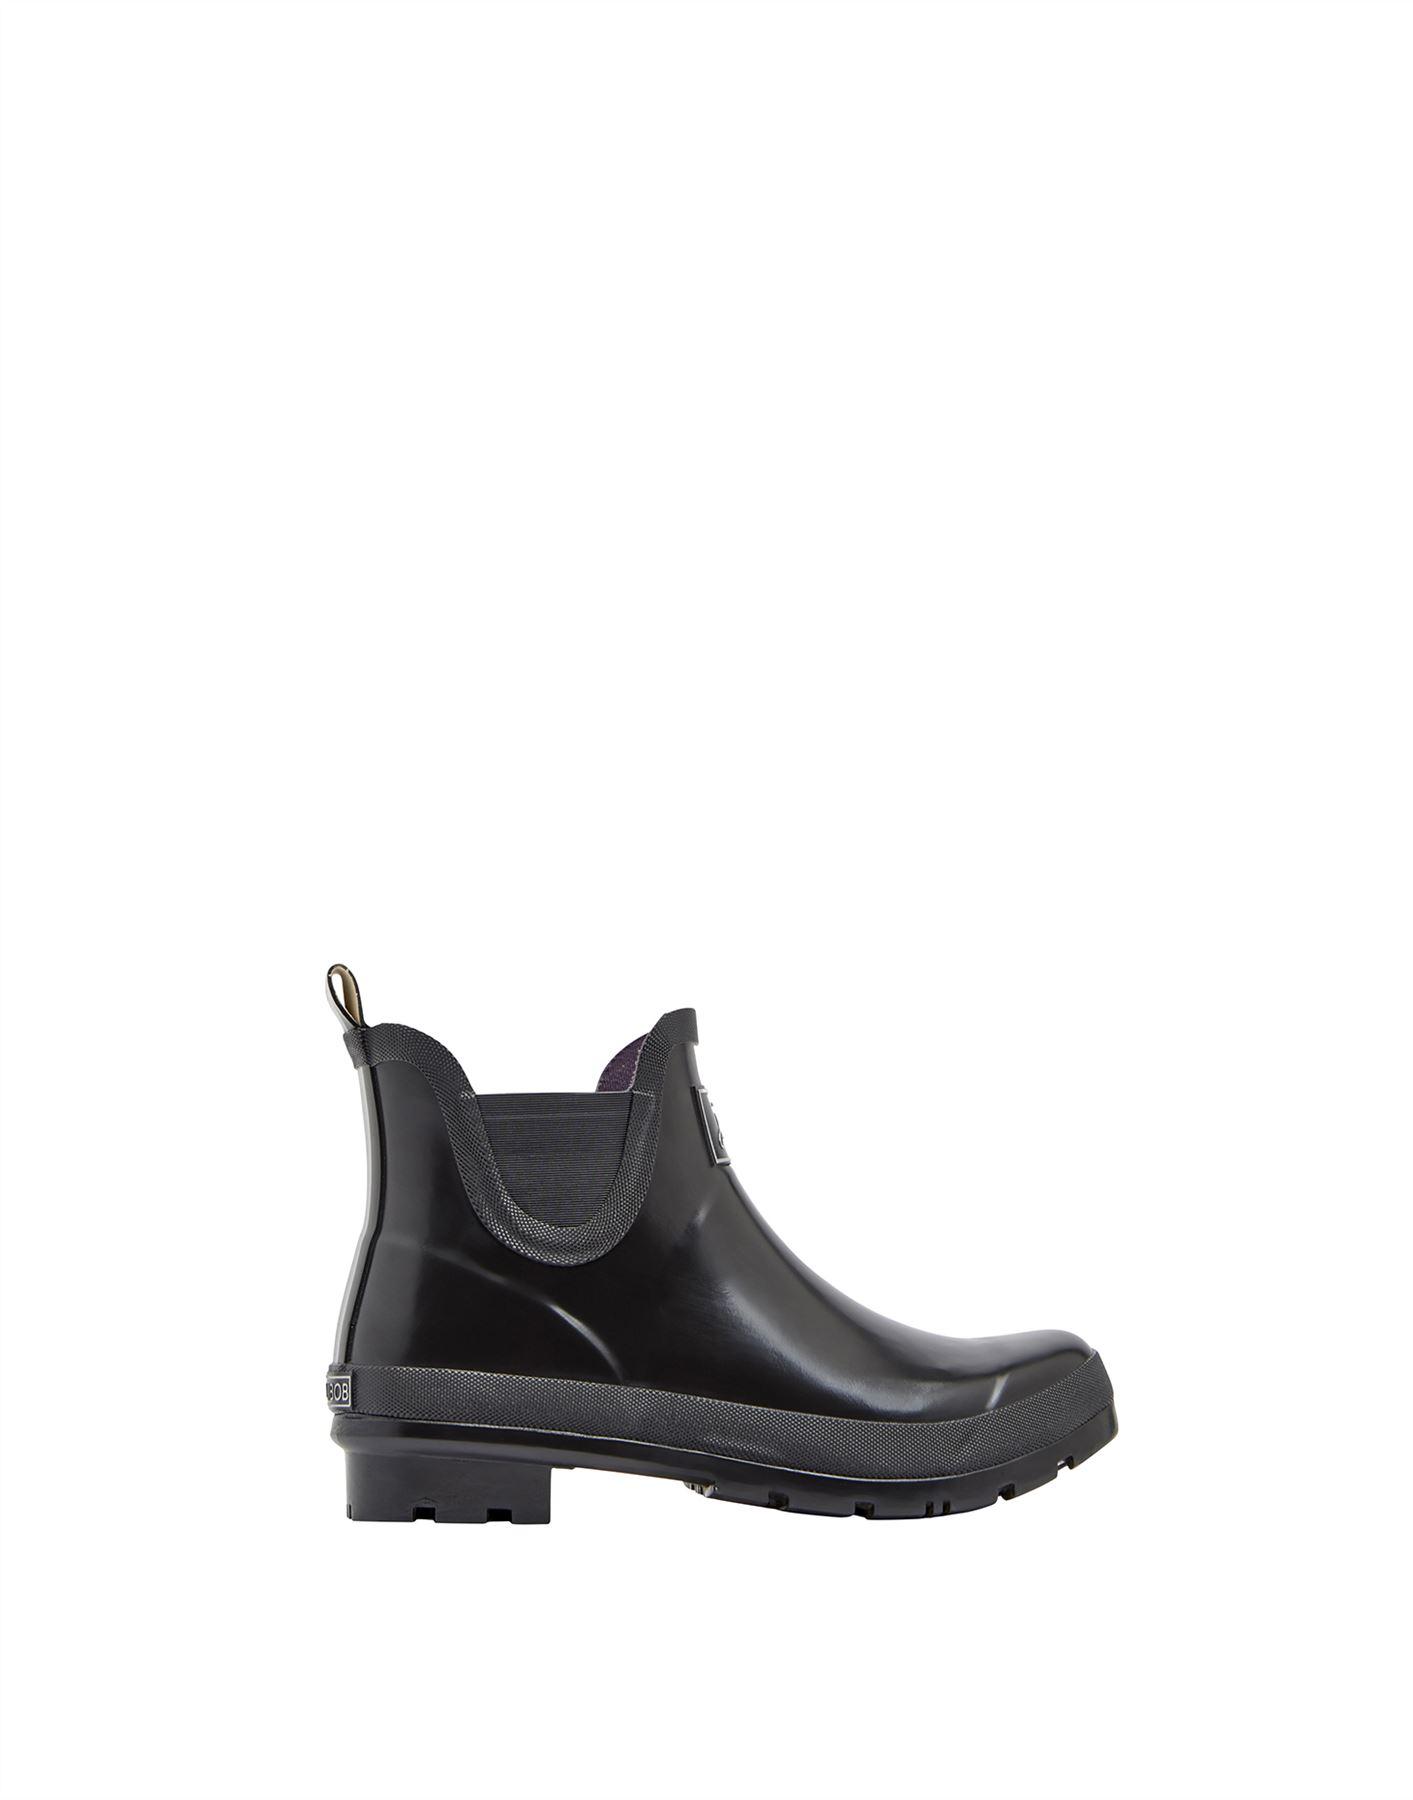 Joules Welibob Waterproof Equestrian Yard Stable Equestrian Waterproof Printed Short Welly Boot 04bbf4